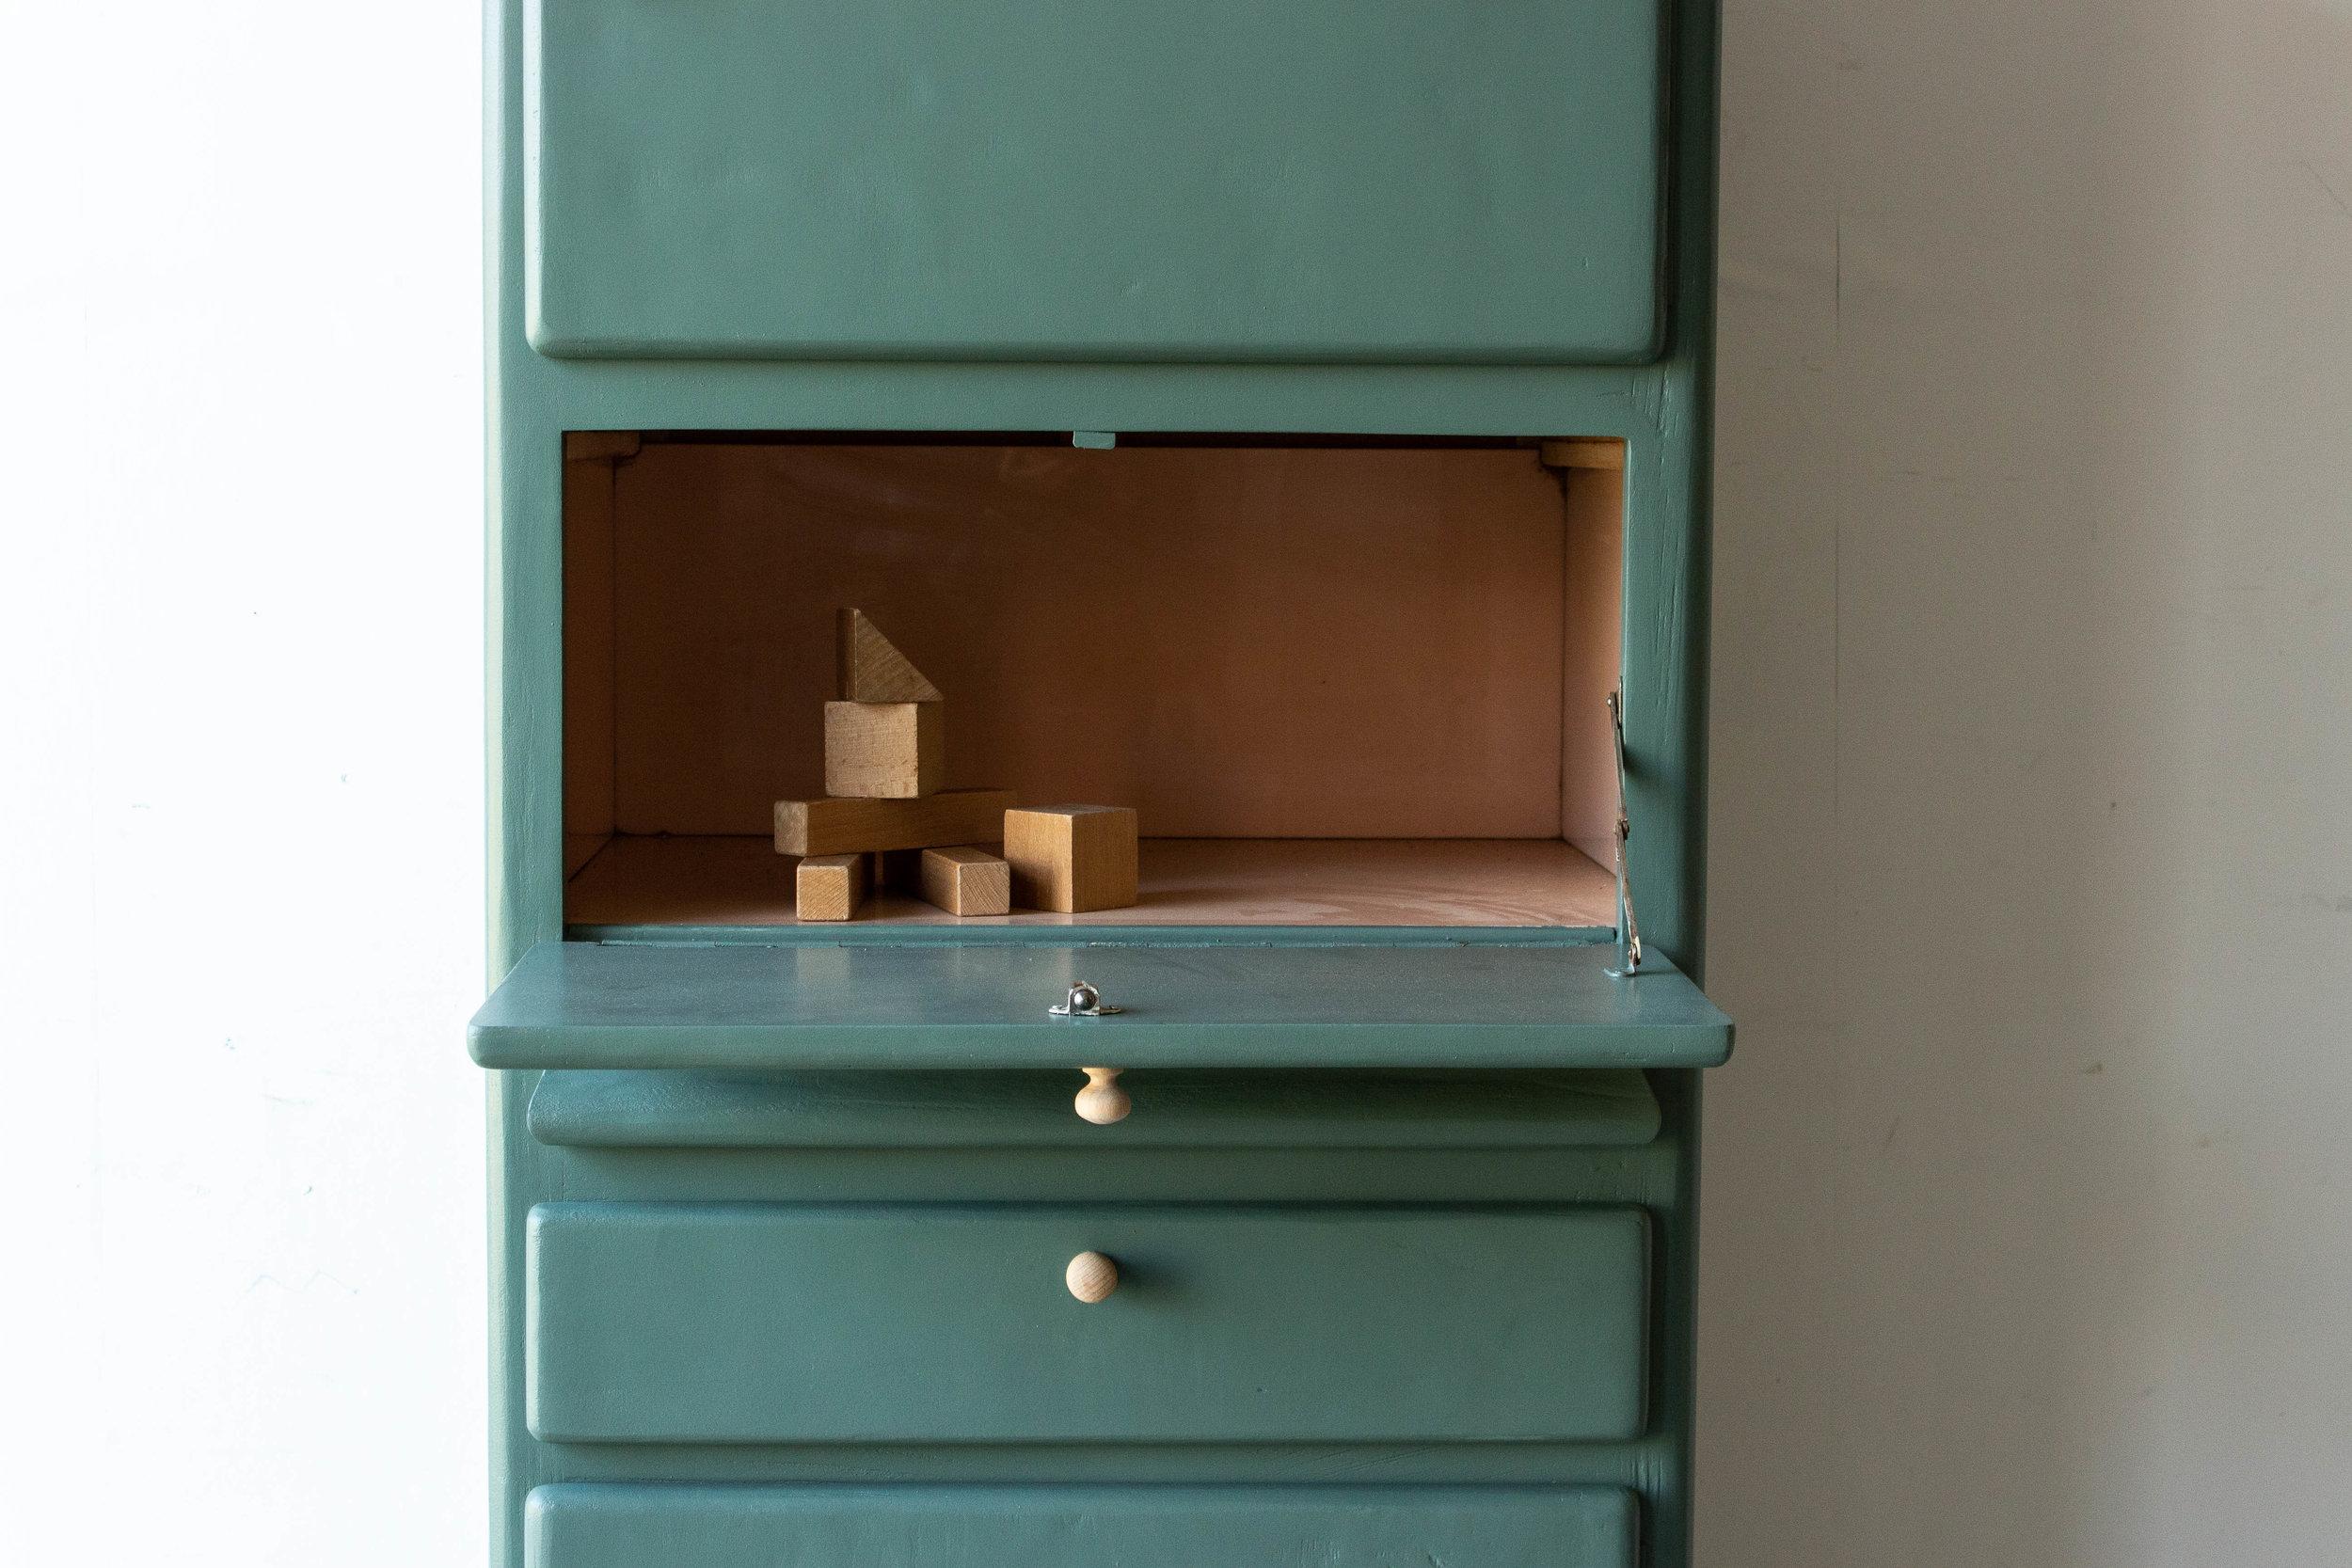 1509 - Dennengroen vintage keukenkastje-4.jpg